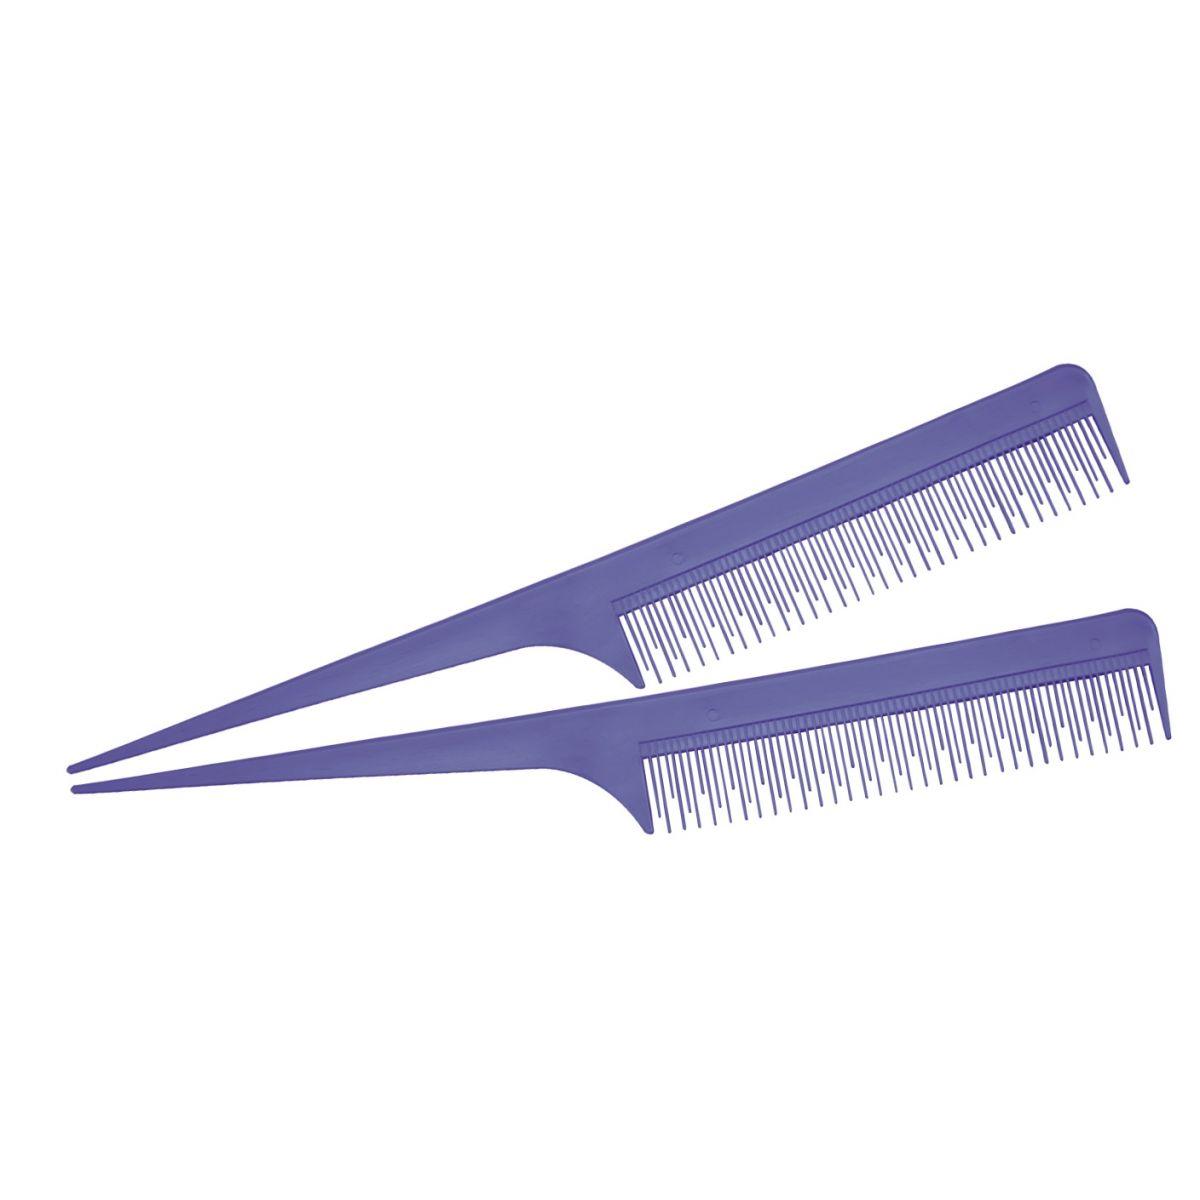 Pente Plástico Lilás Para Desfiar Cabelo Em Nylon -  suporta 180°